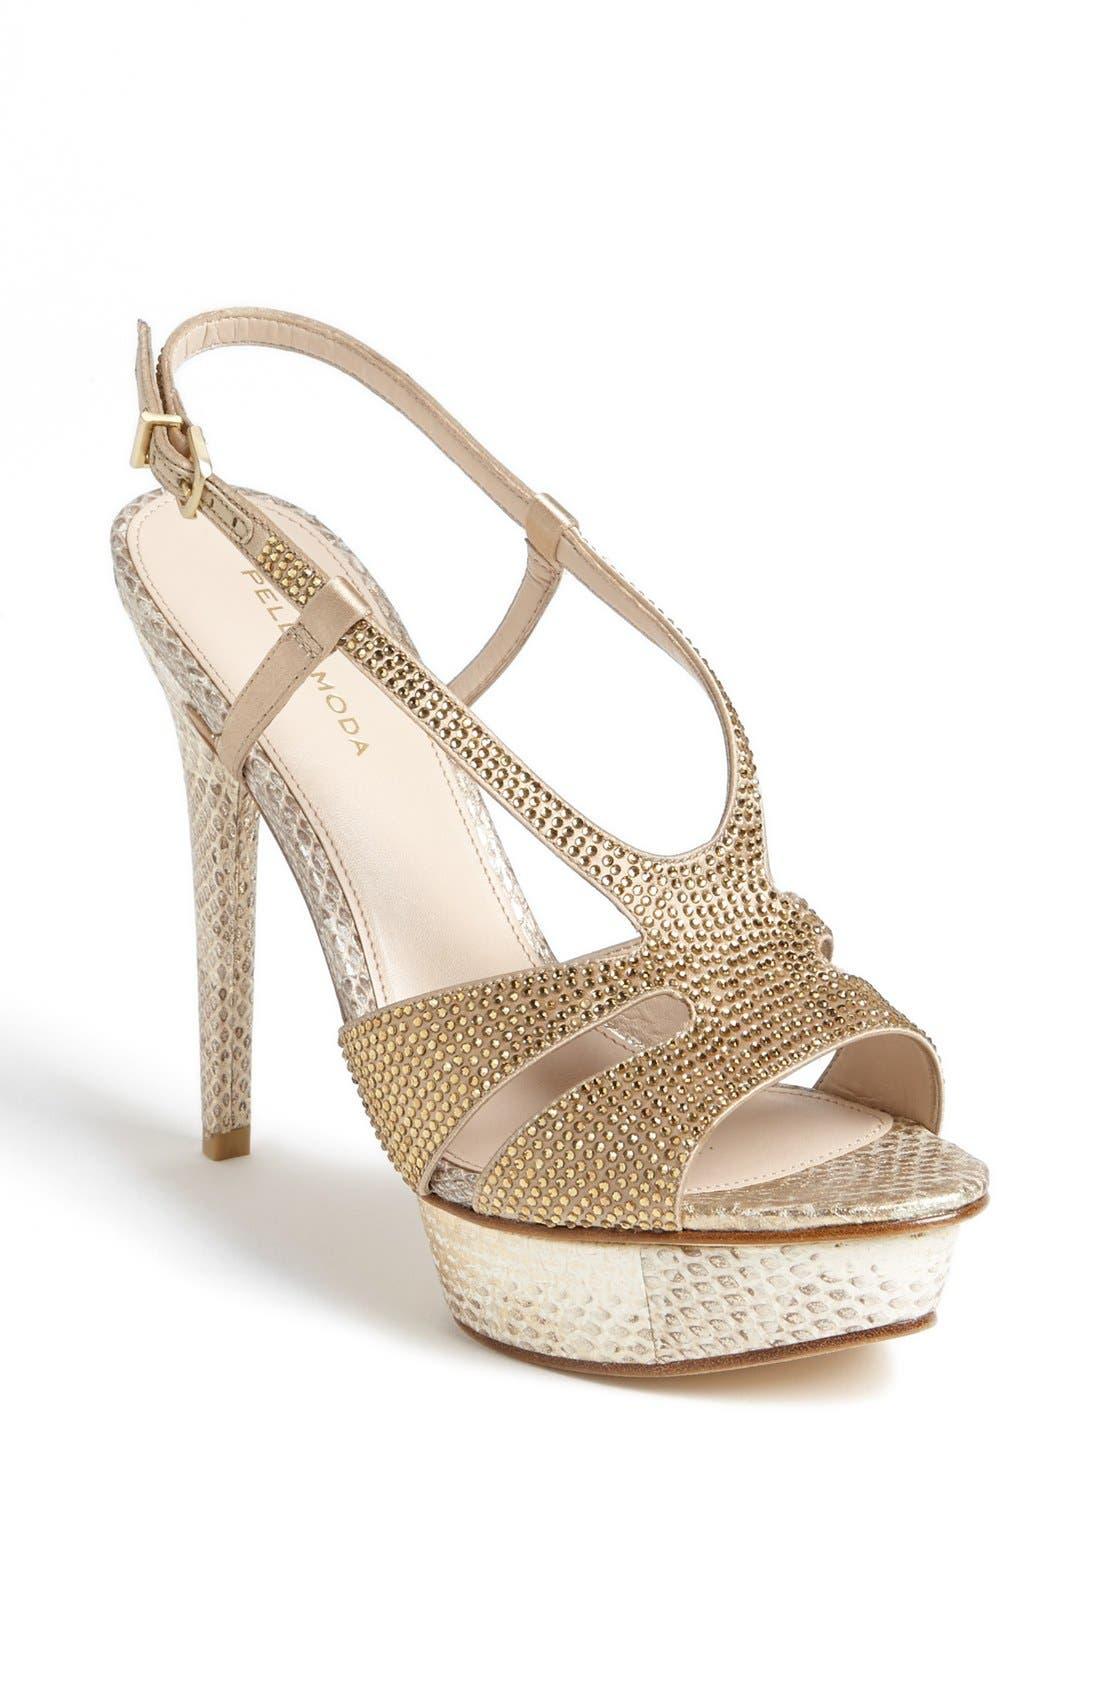 Main Image - Pelle Moda 'Hana' Sandal